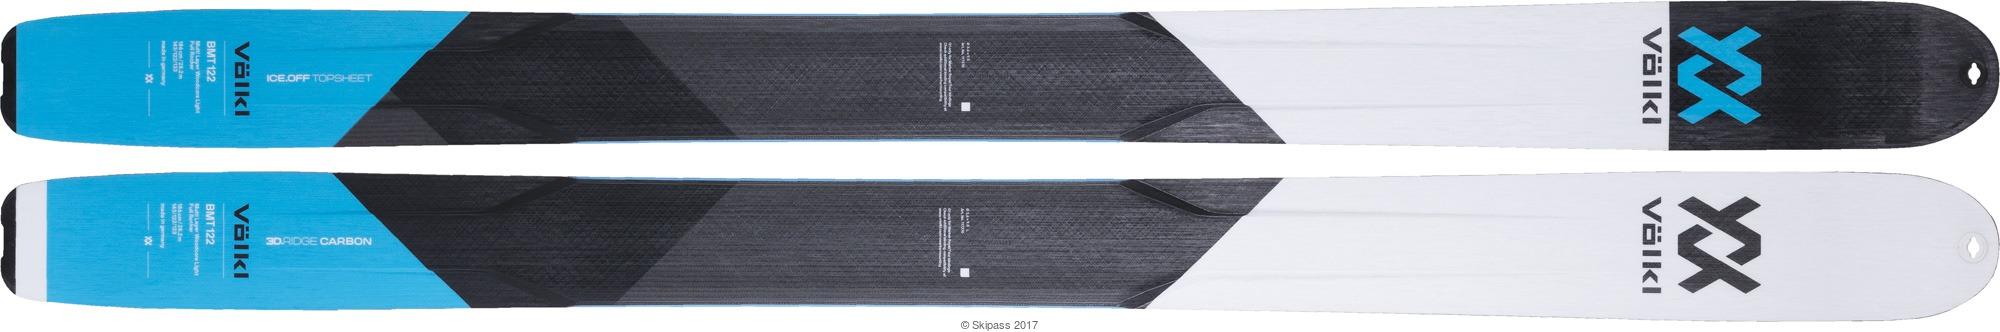 Völkl BMT122